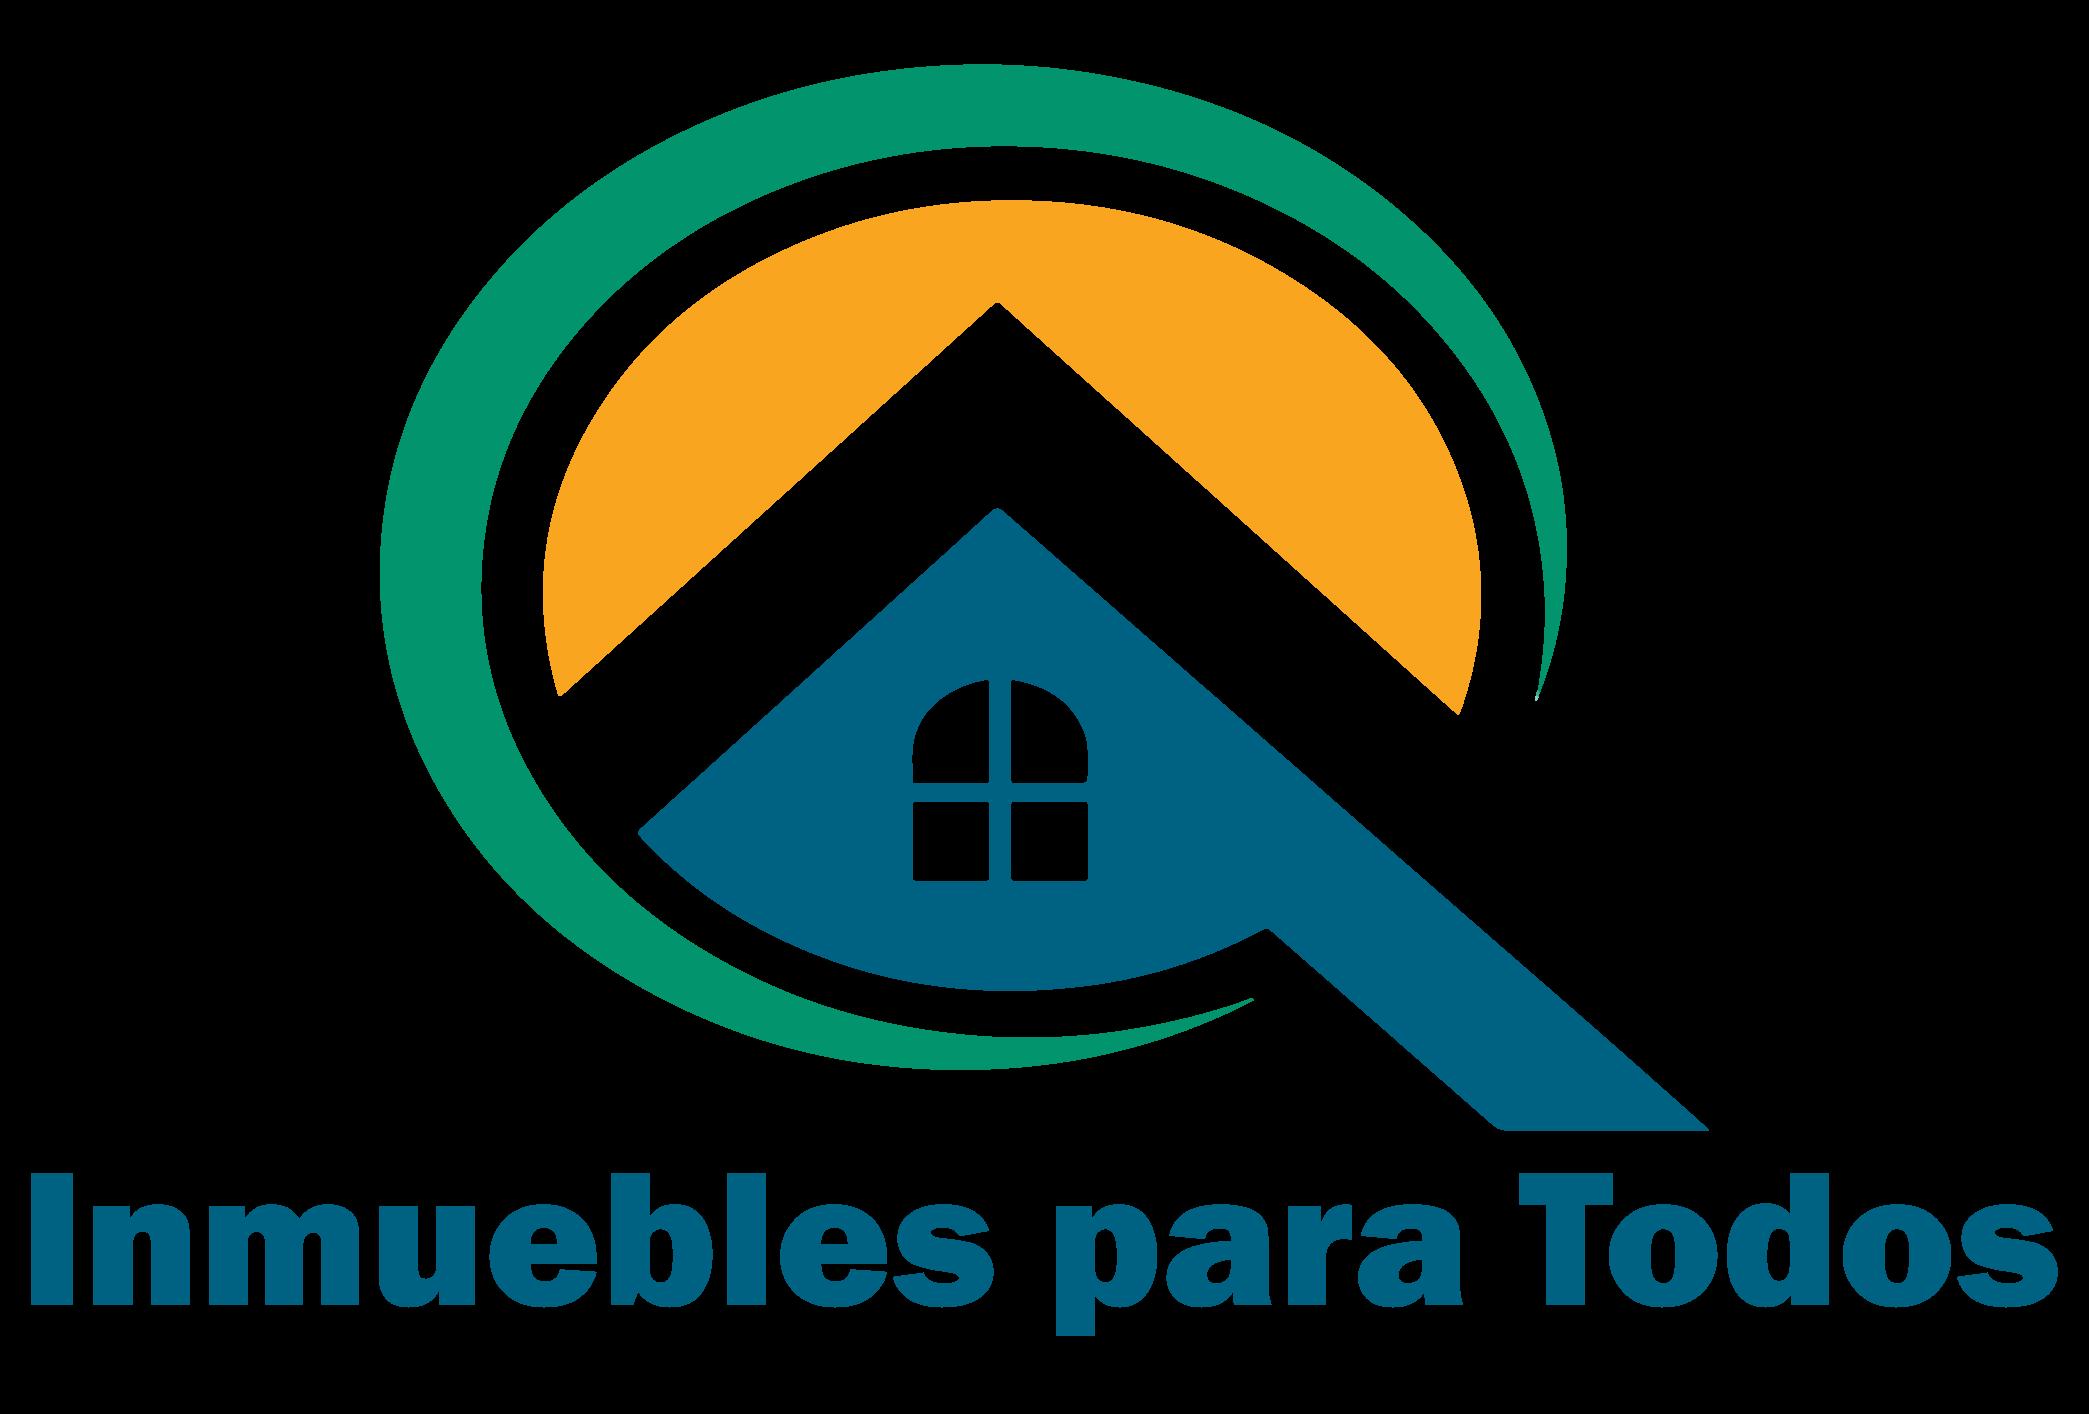 Inmuebles para Todos-Inmobiliaria Venta Renta y Administracion de Propiedades